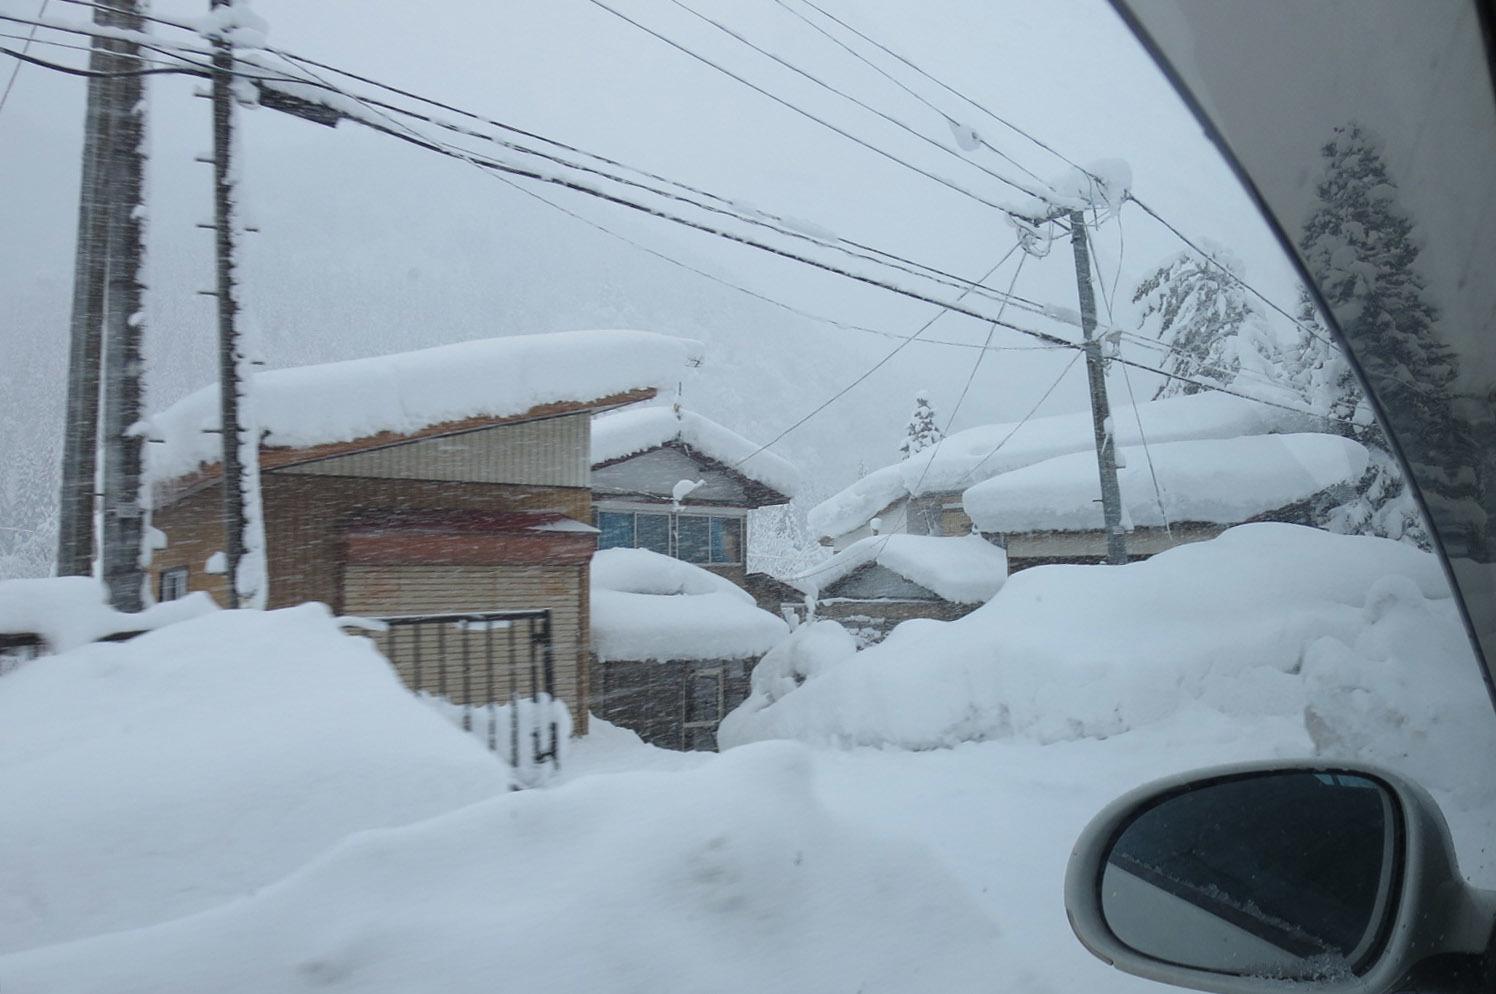 吹雪の中 山形県金山町行き_e0054299_17403013.jpg